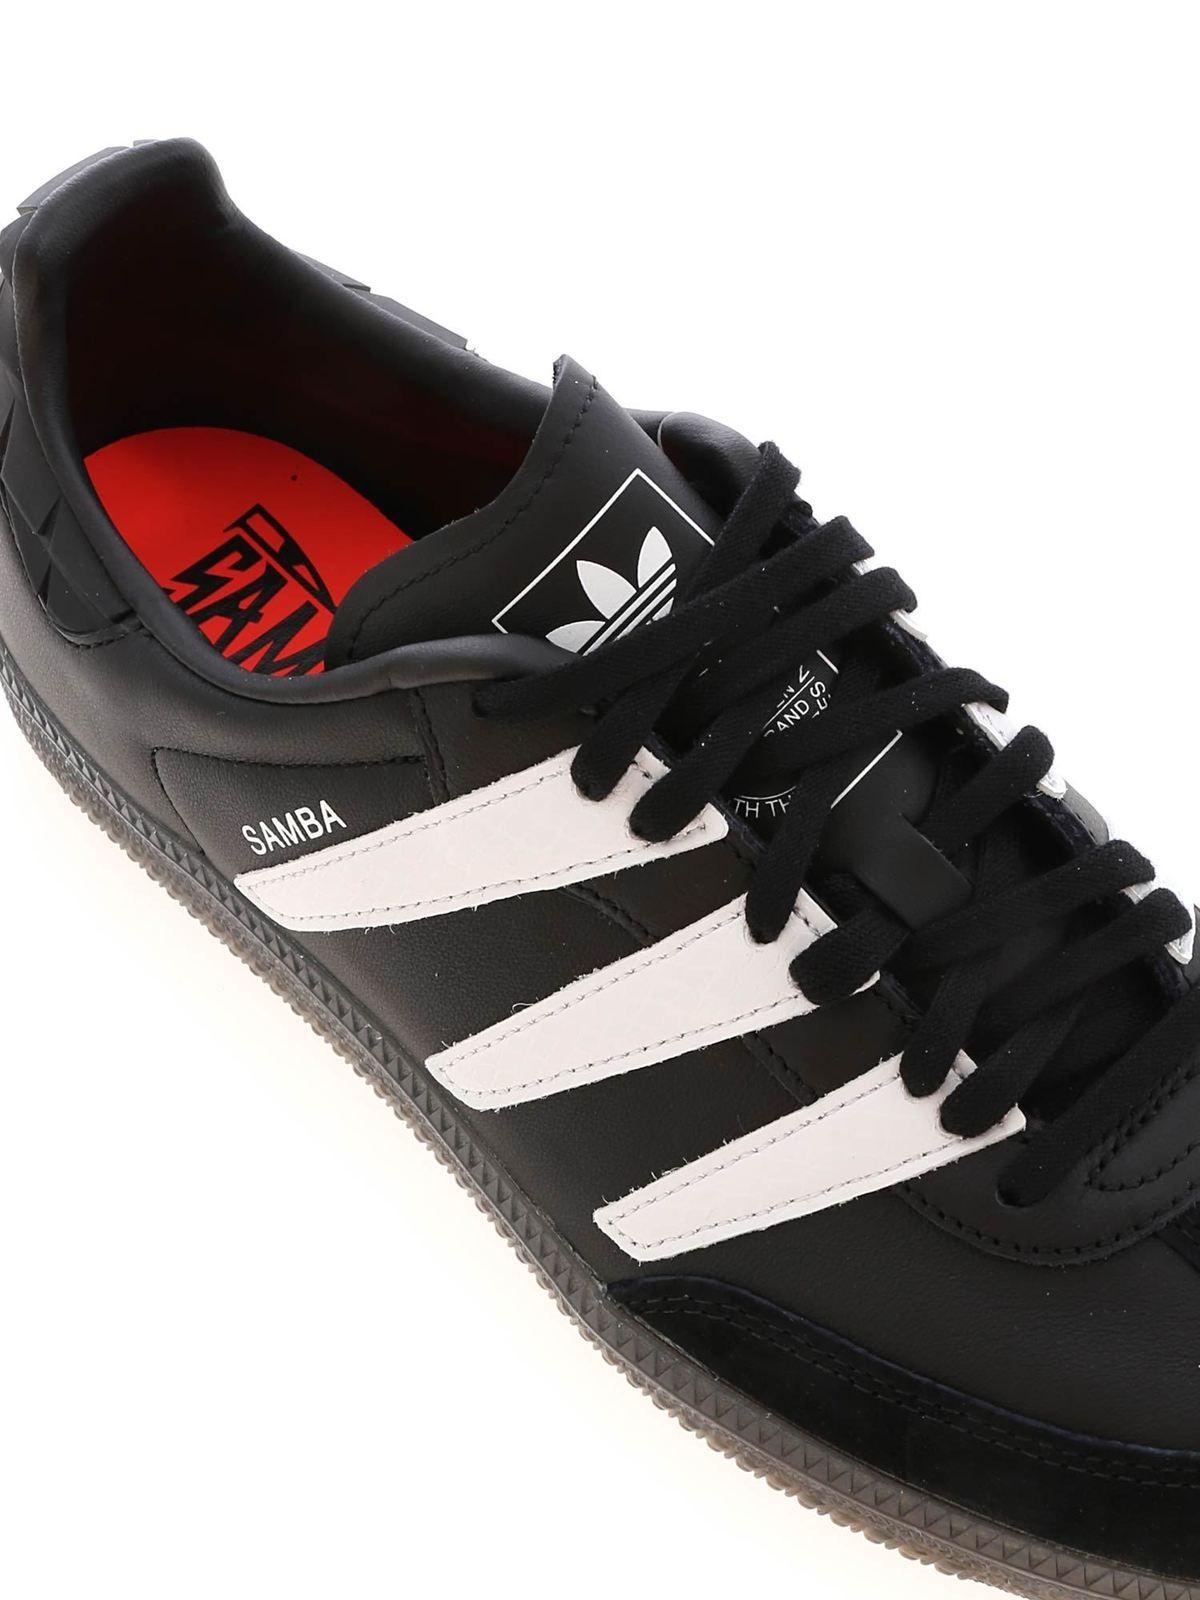 Adidas Originals - Samba OG black